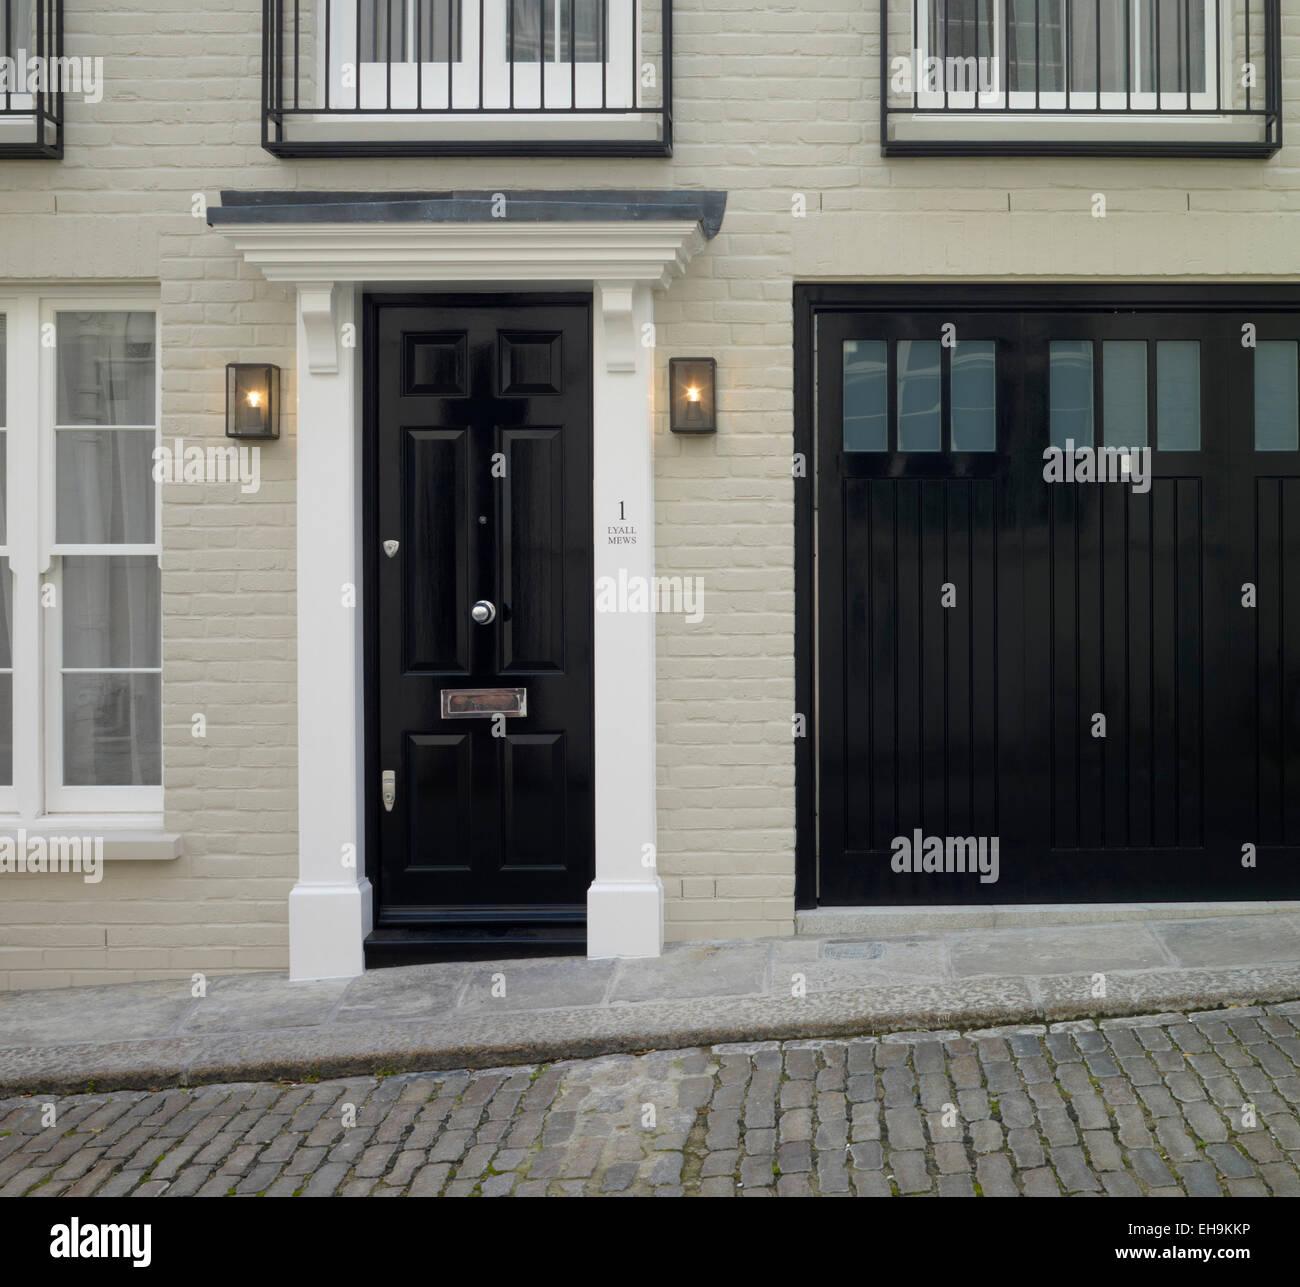 Black Front Door And Garage Door Of Residential House